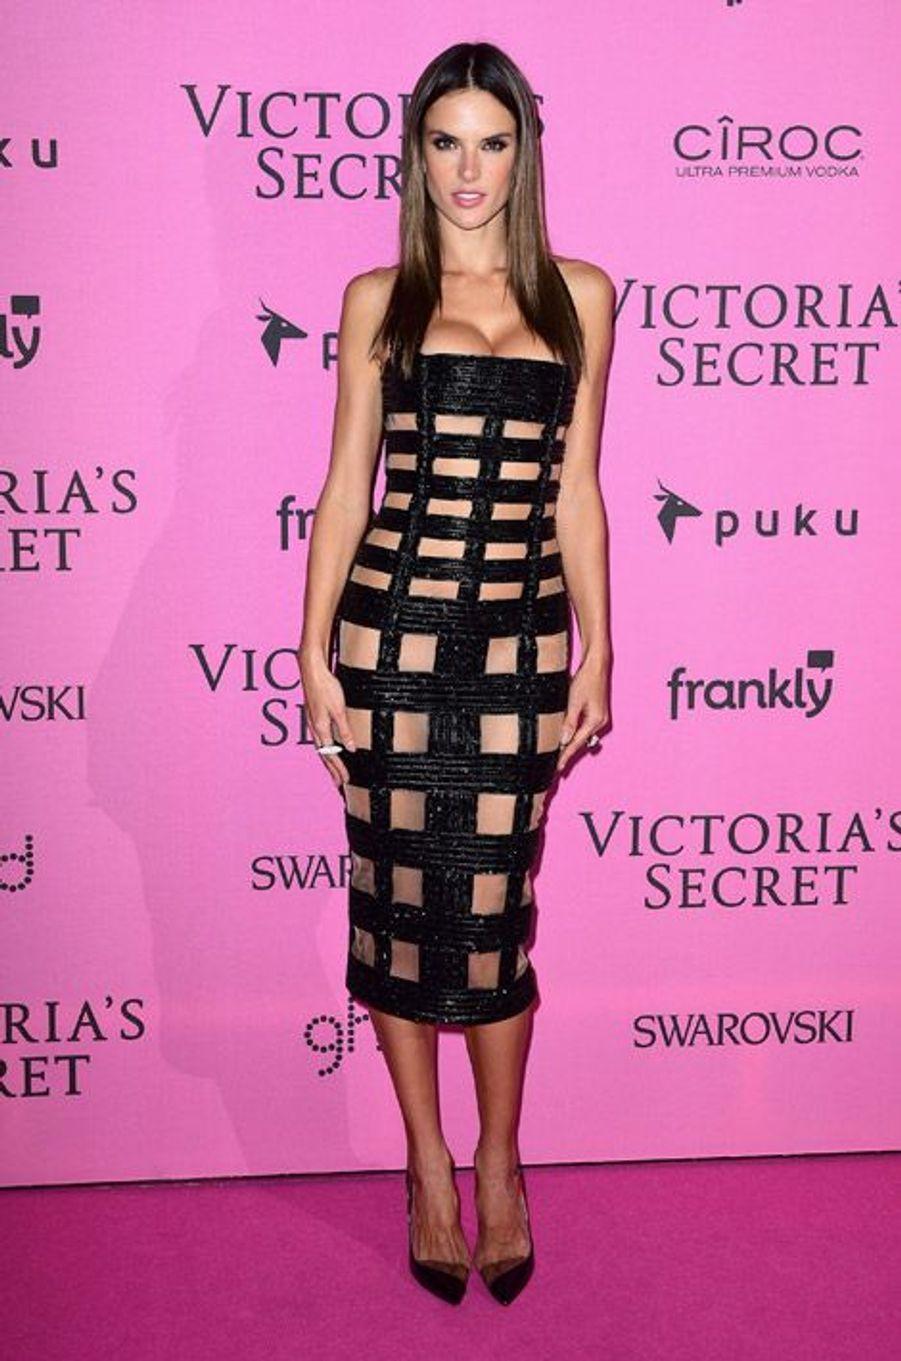 Le mannequin Alessandra Ambrosio en Balmain à Londres le 2 décembre 2014 après le show Victoria's Secret